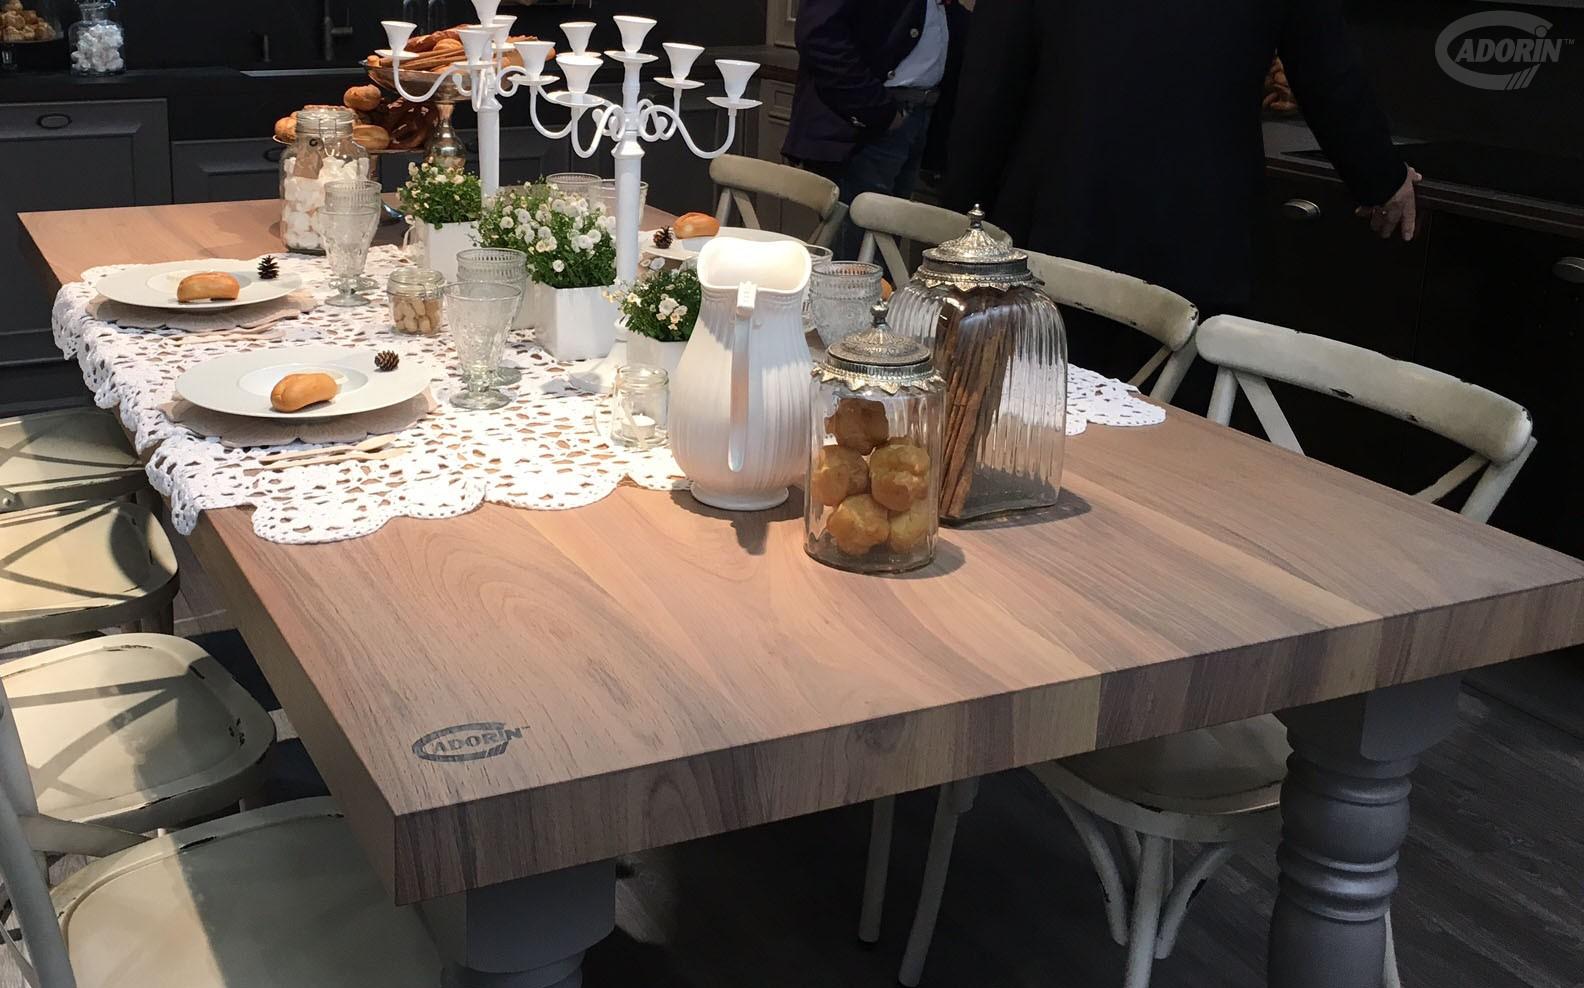 Tavoli e tavolini in legno di rovere massiccio cadorin